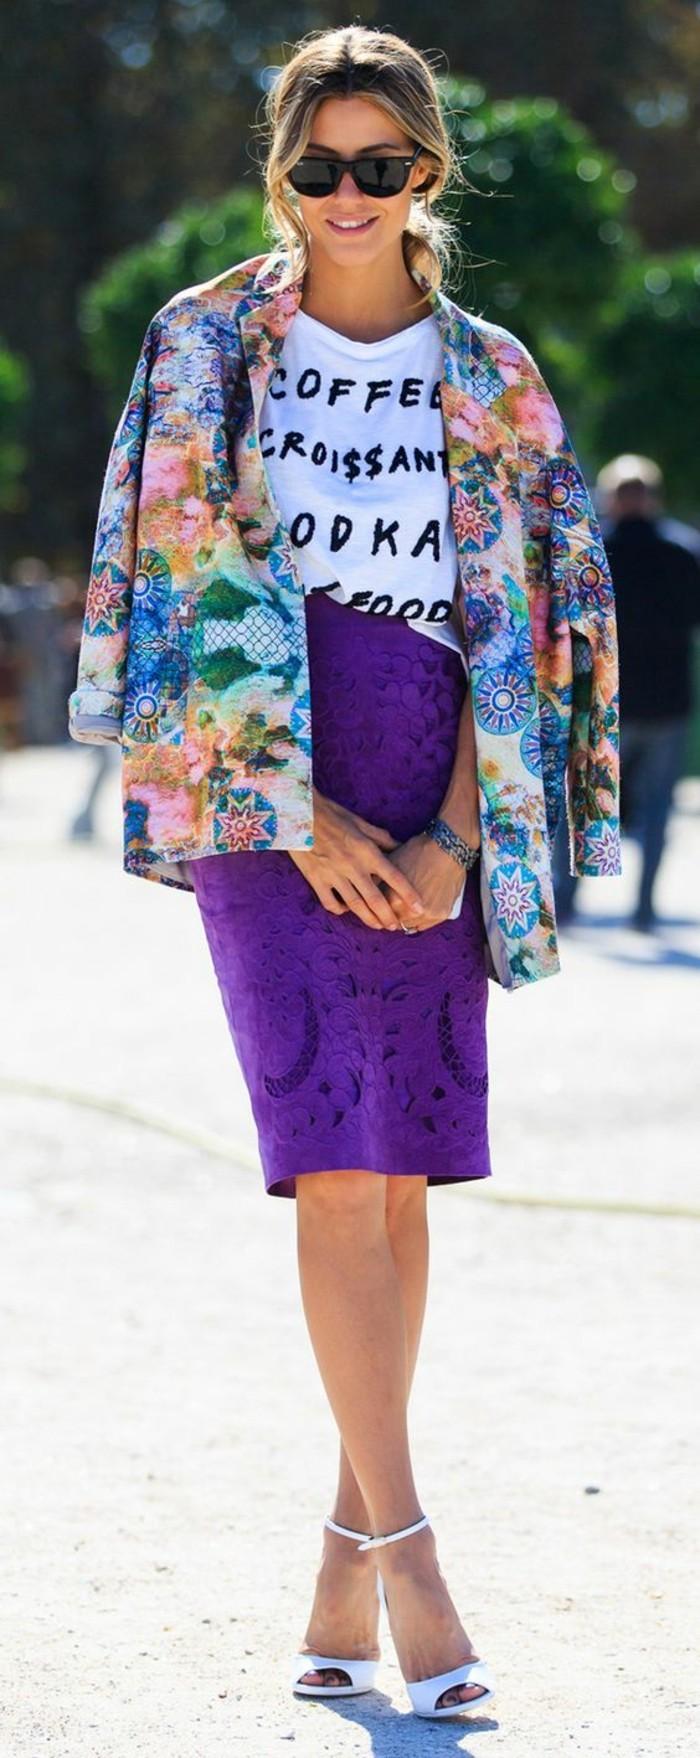 les jupes taille haute droite en violet assortie à une veste fleurie et T-shirt messages